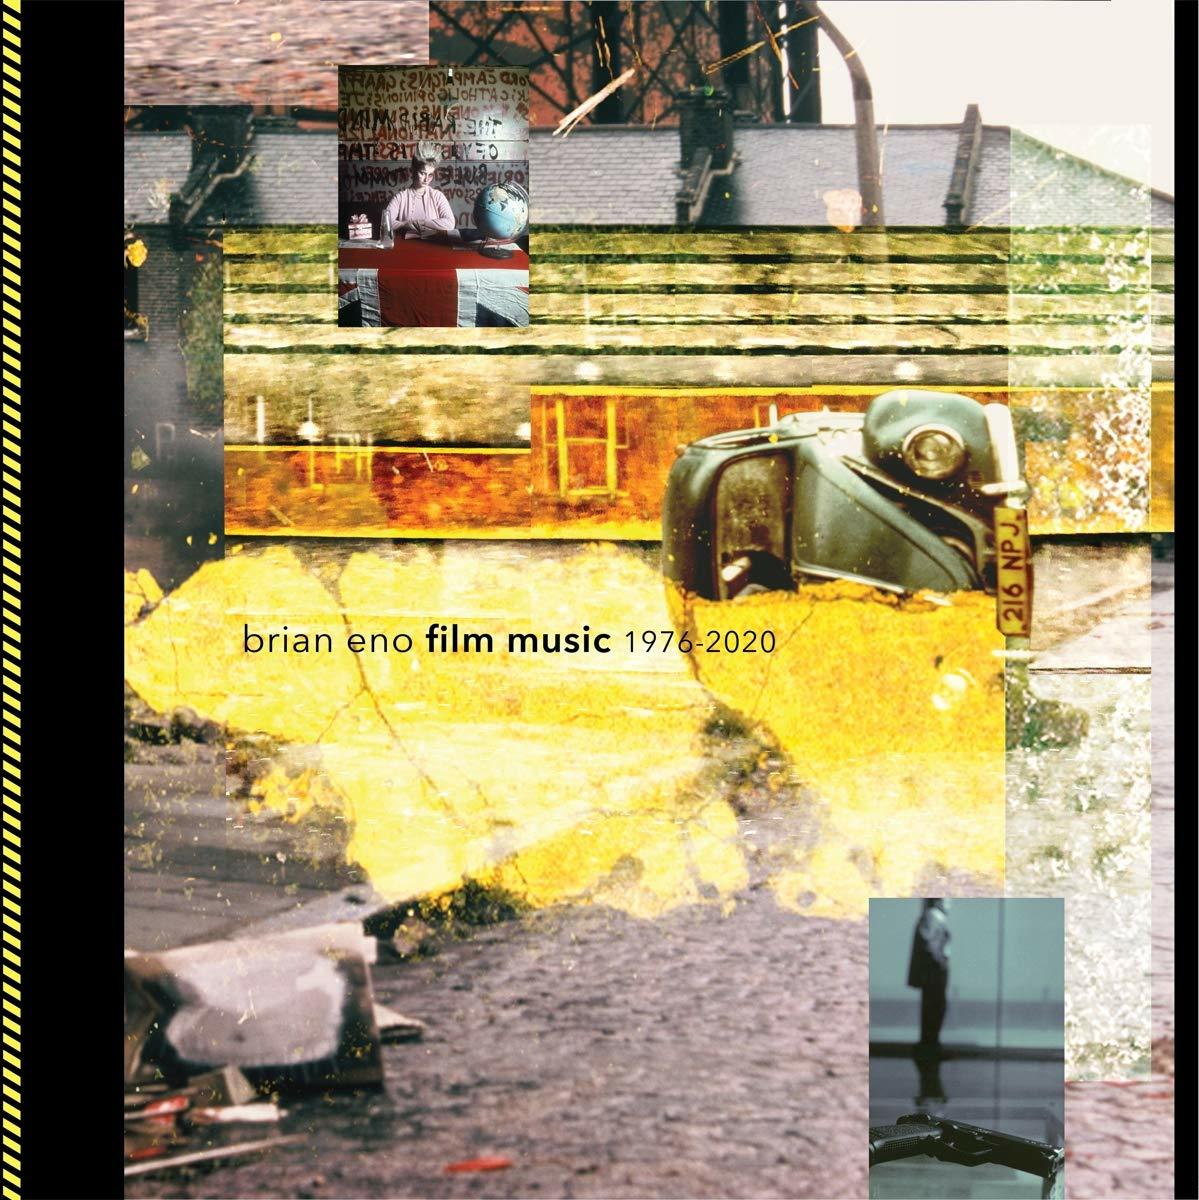 Film Music 1976-2020 Brian Eno